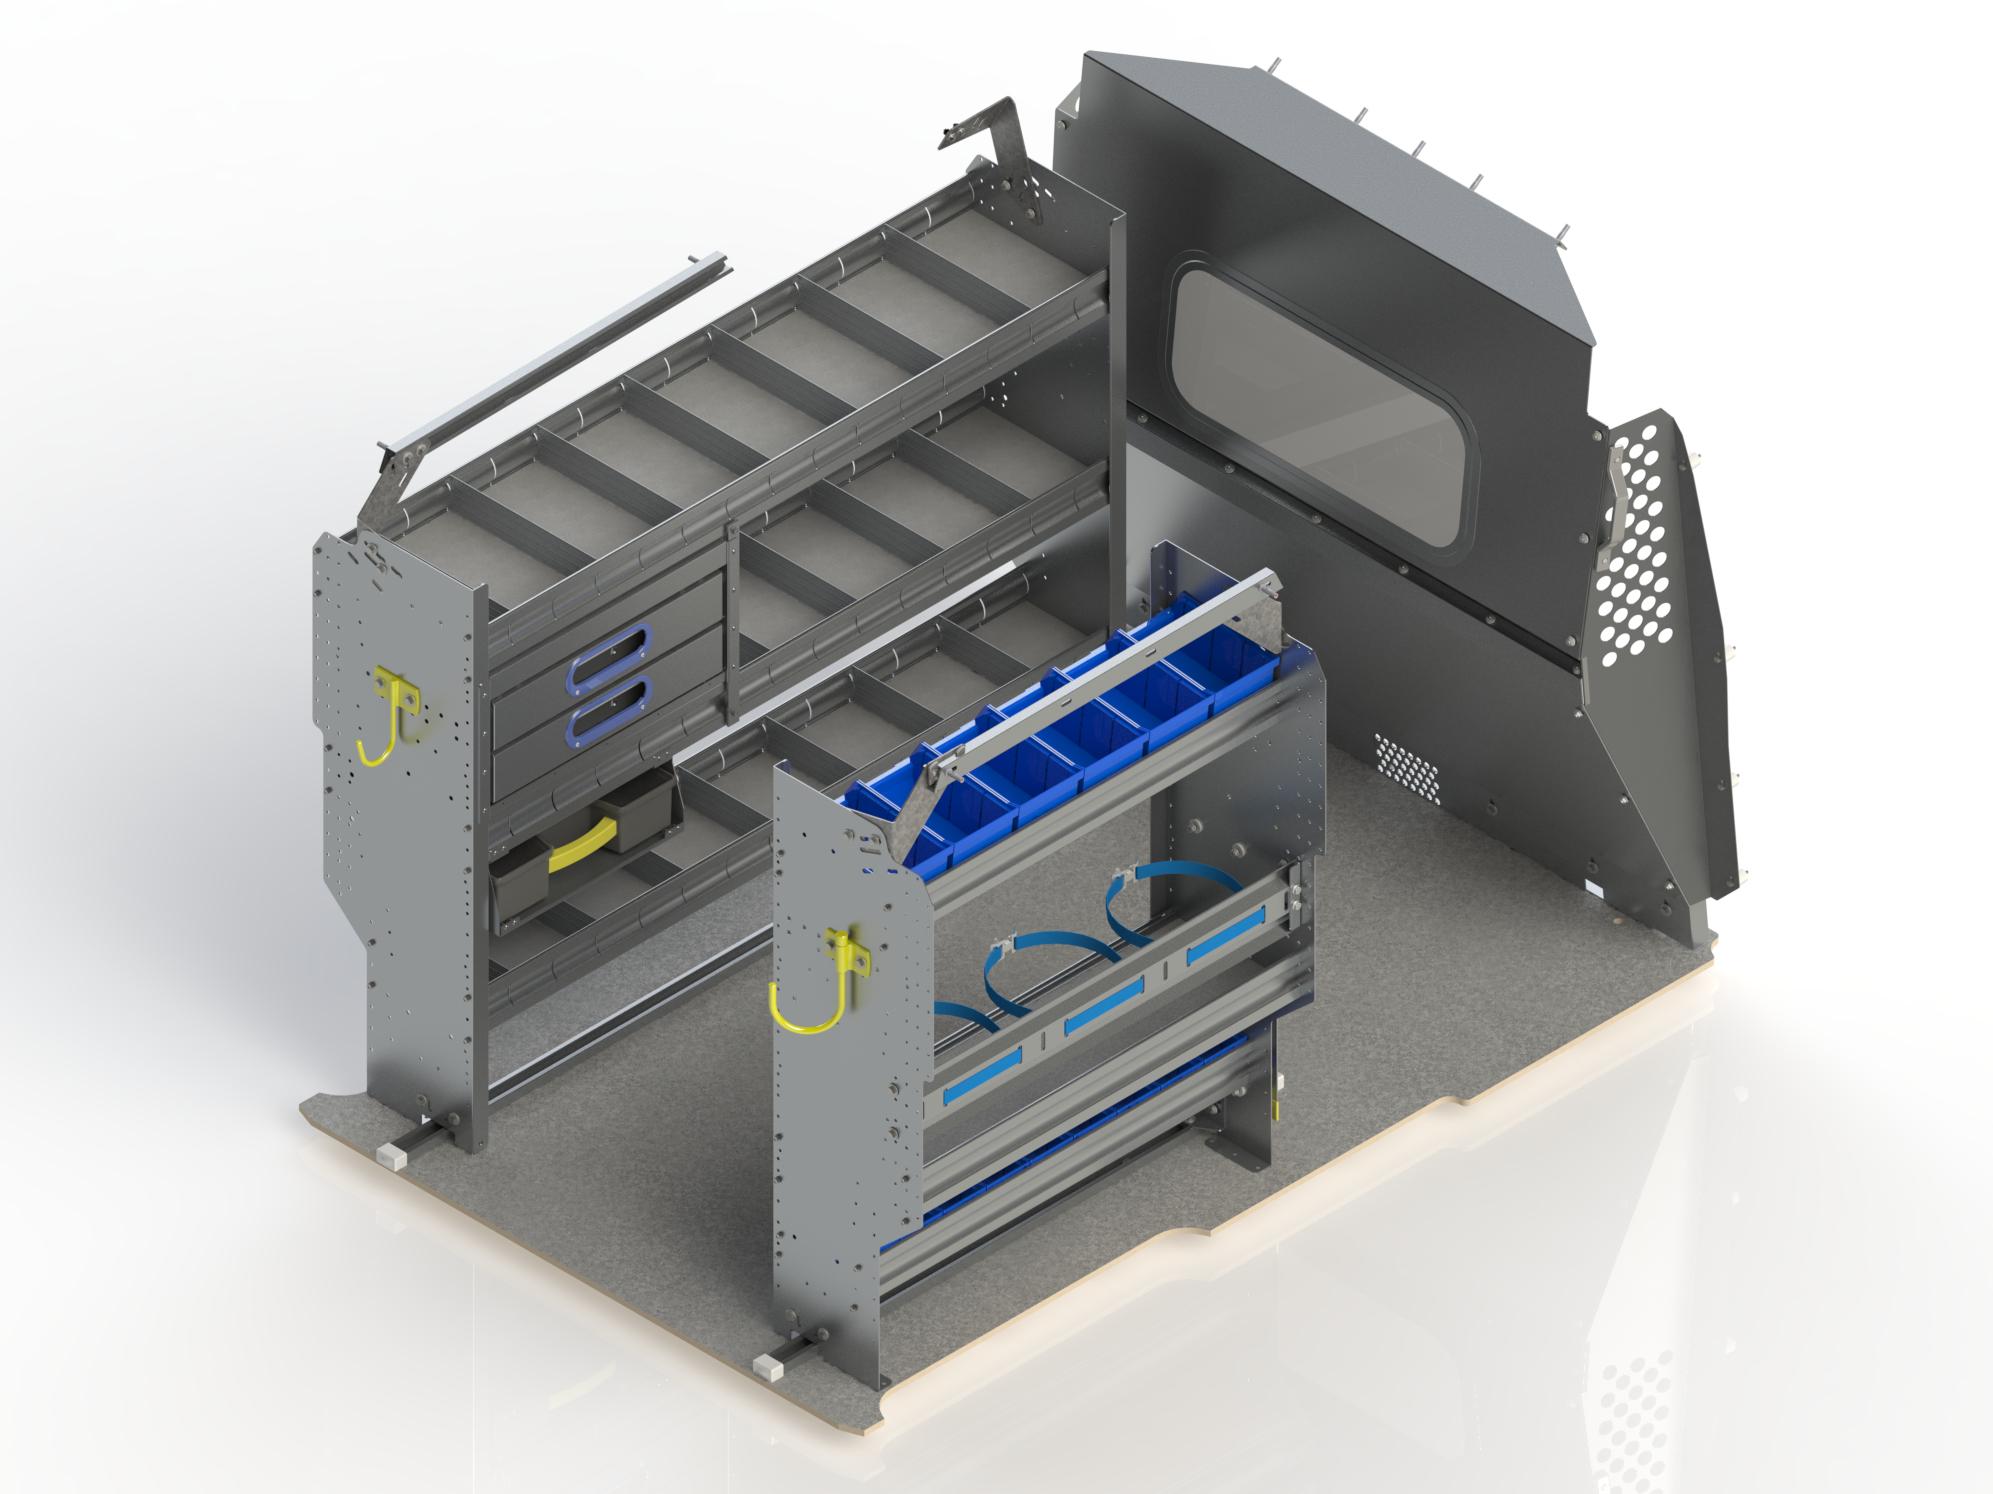 h412 ensemble chauffage ventilation et climatisation de luxe mobiltech. Black Bedroom Furniture Sets. Home Design Ideas